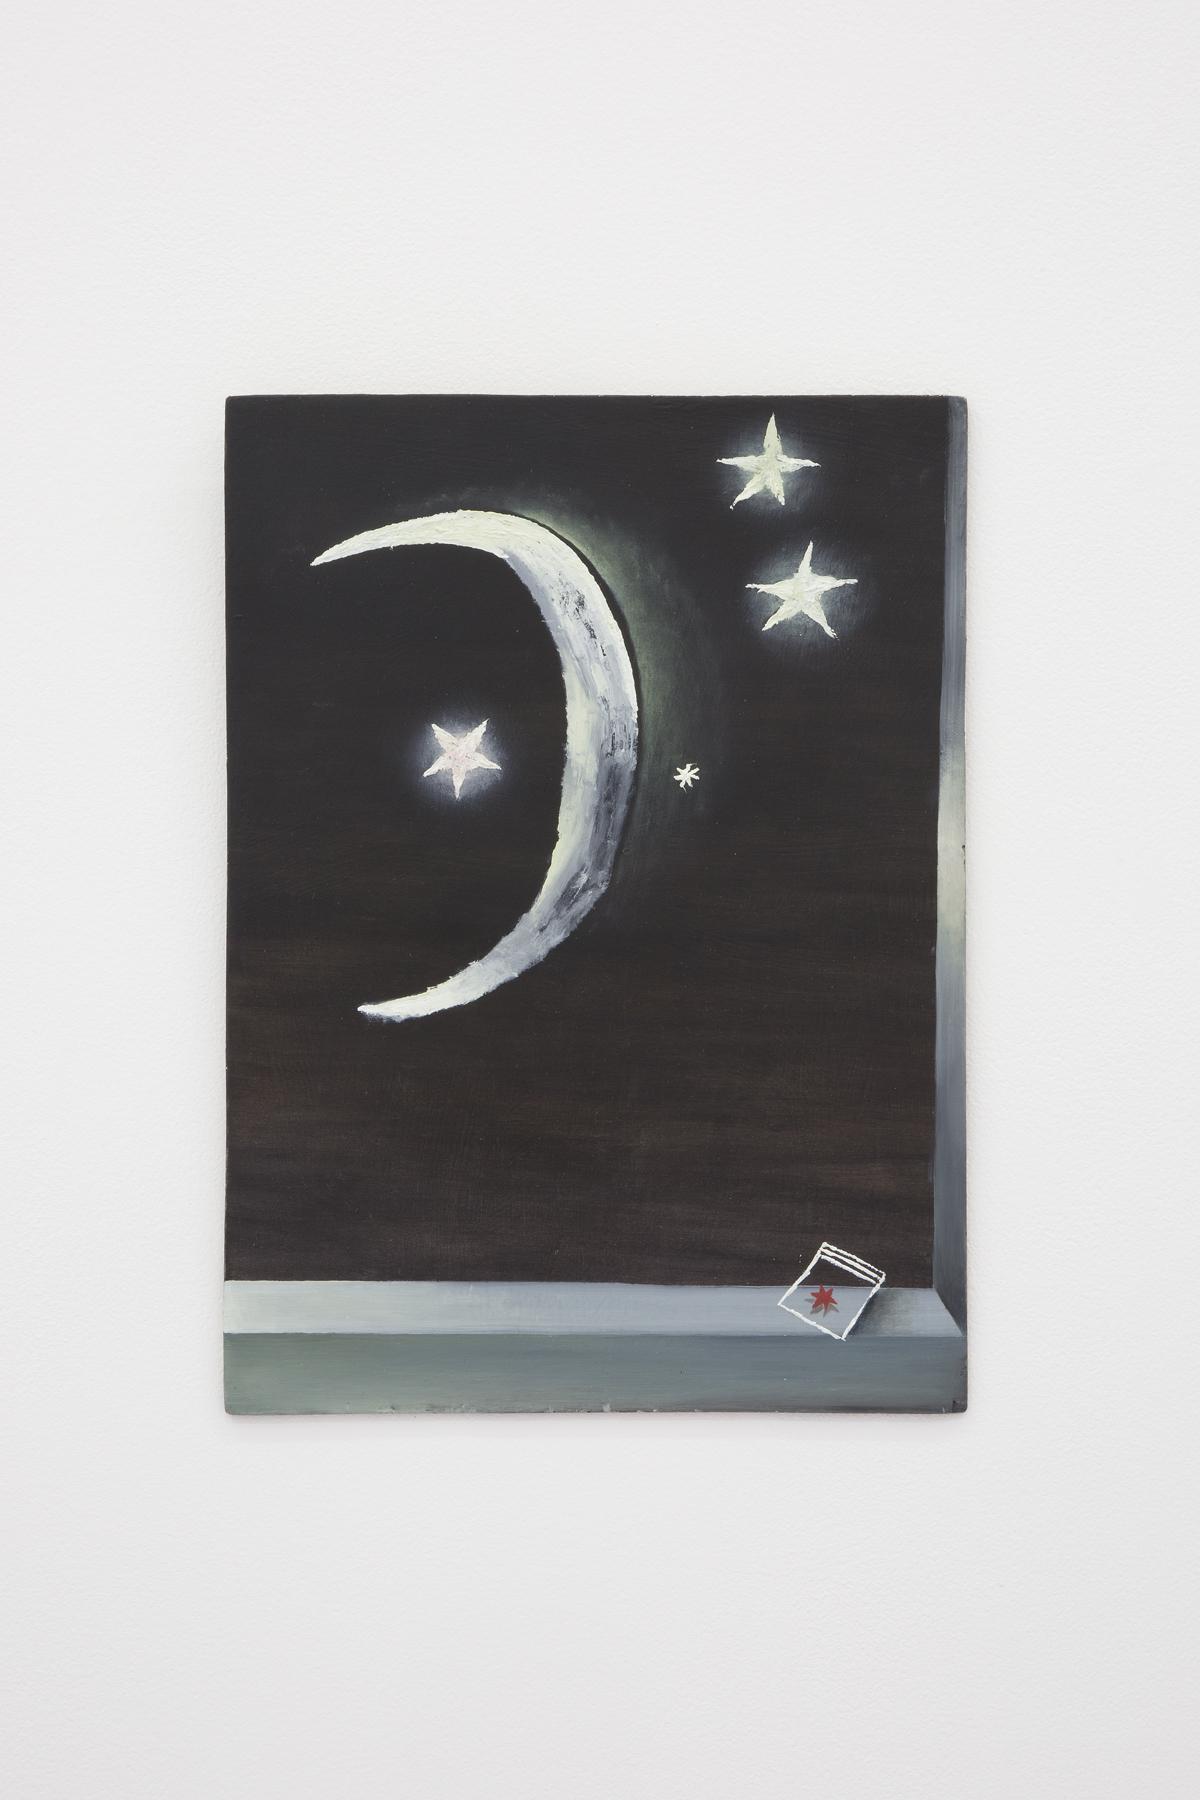 Santiago de Paoli, Luna y estrellas, 2017. Óleo en madera, 24 x 33 cm (9.5 x 13 in.)